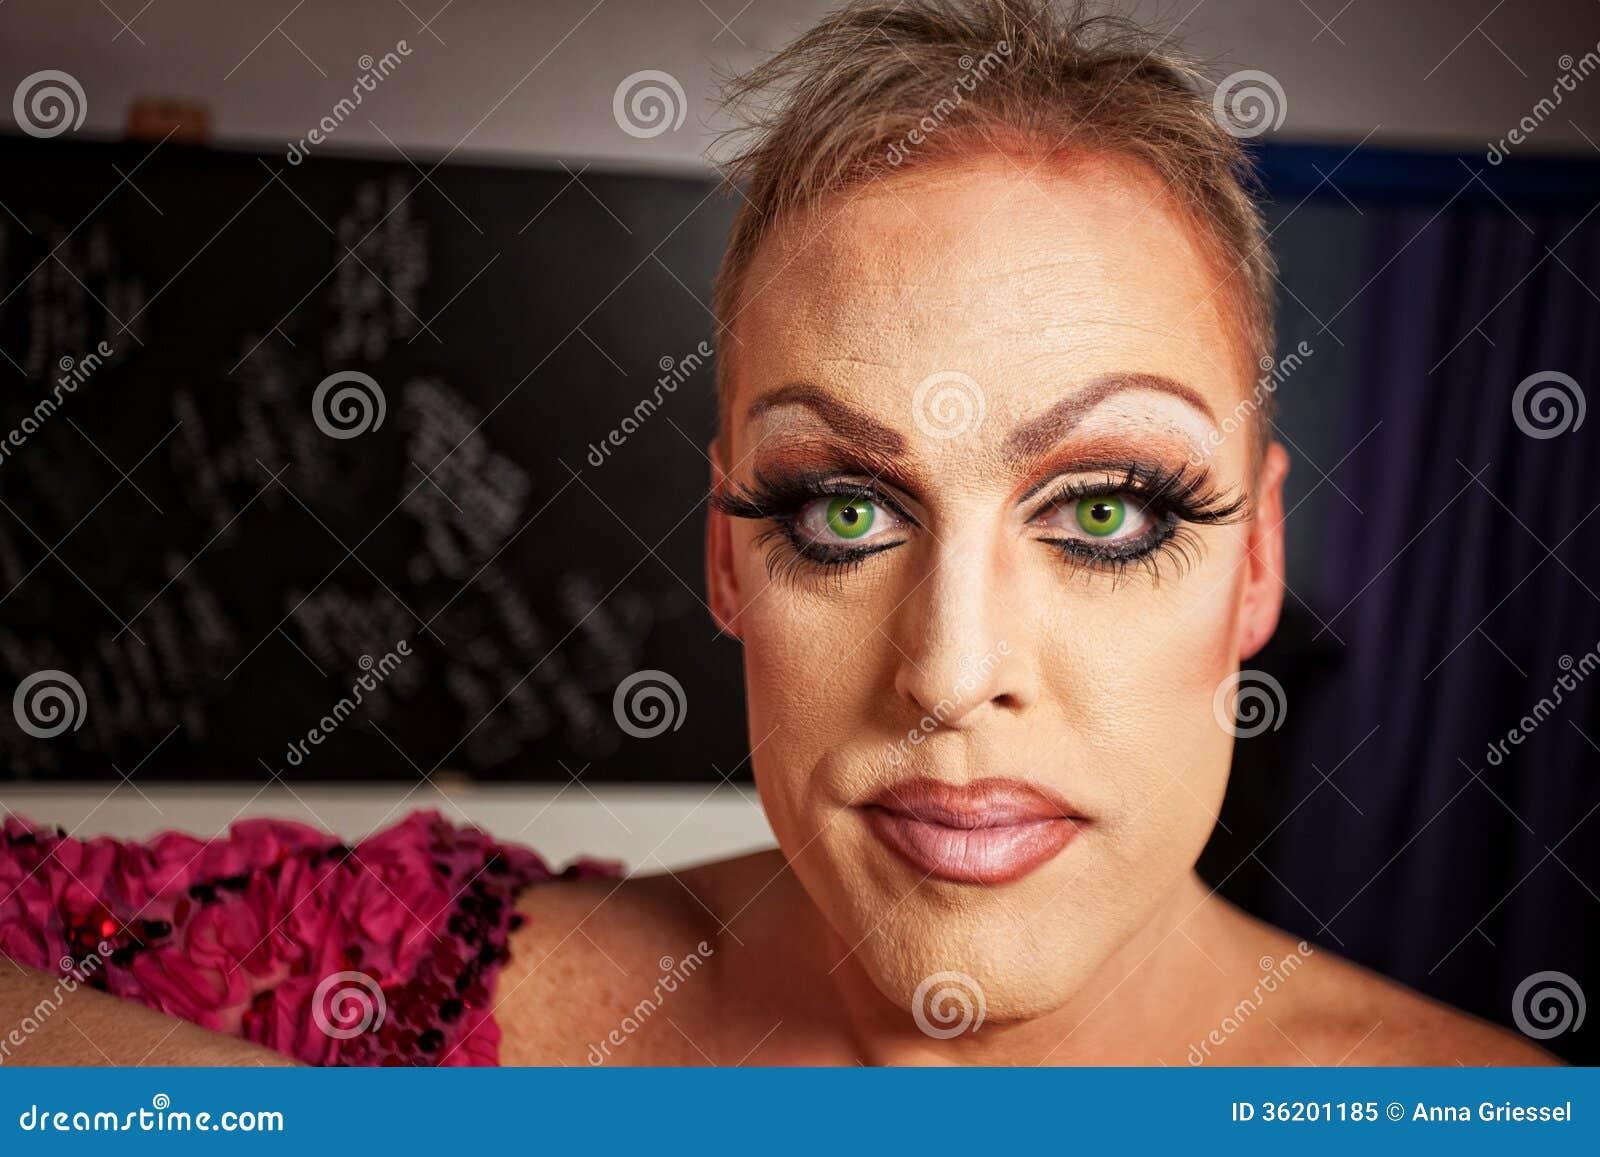 close-up-man-makeup-serious-backstage-room-36201185.jpg